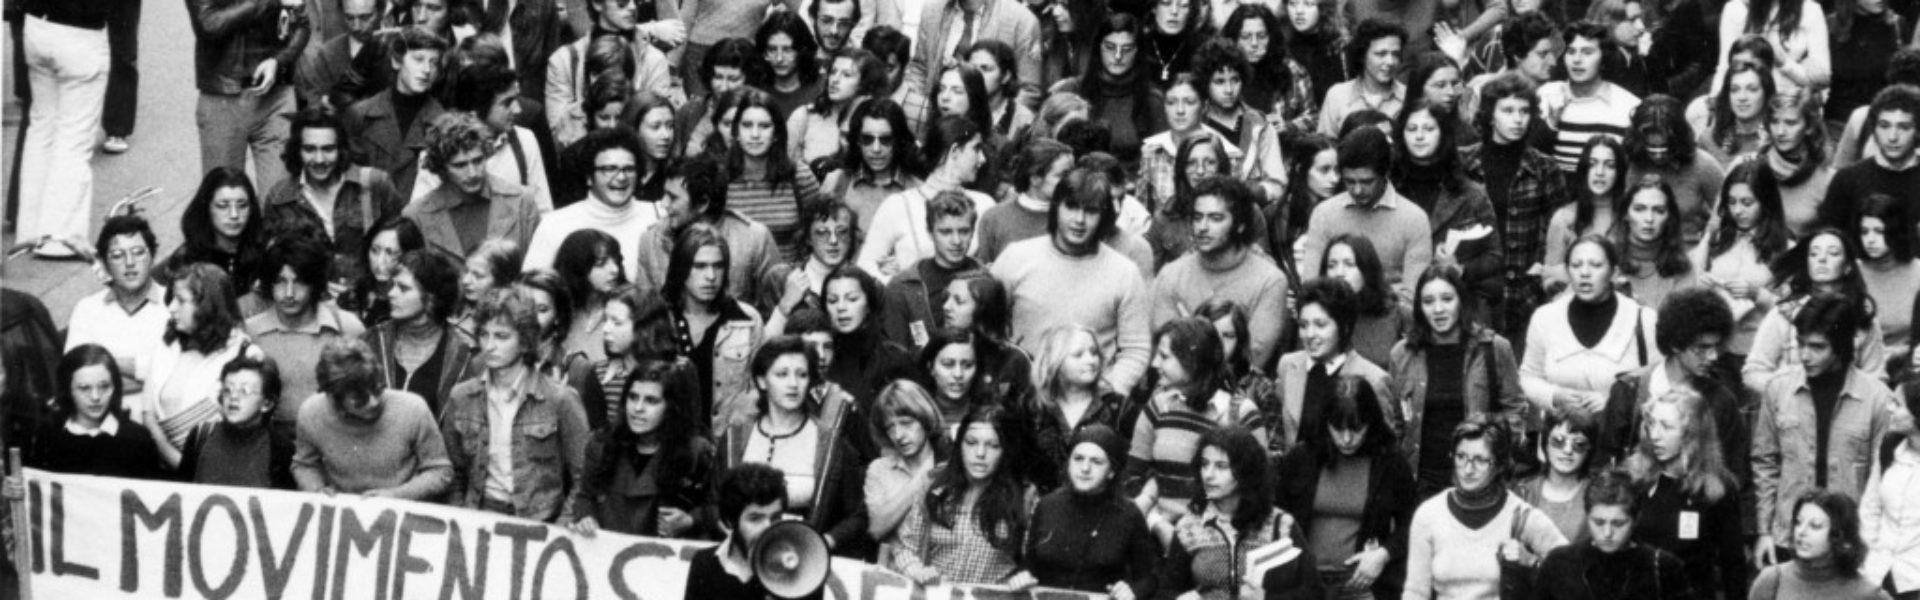 Folla di manifestanti durante le proteste del '68